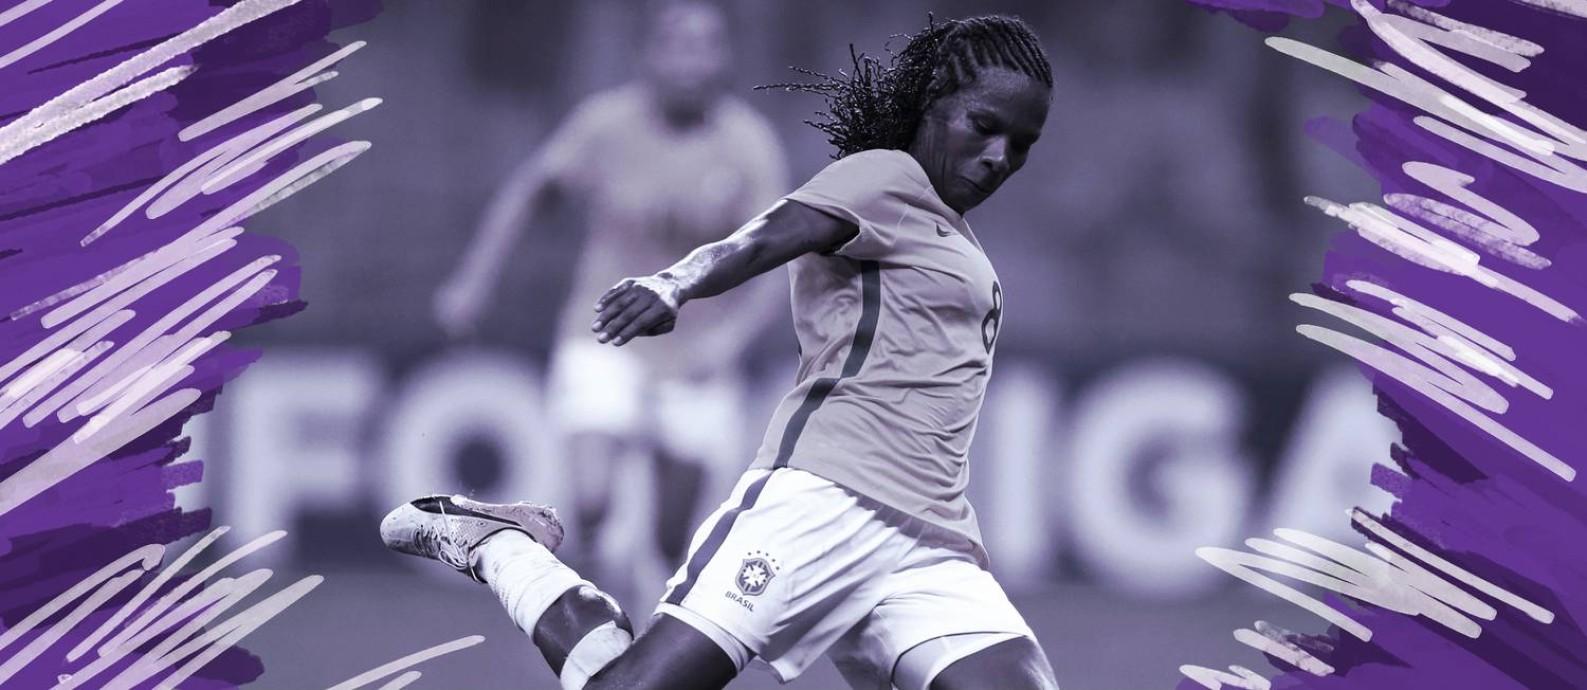 Formiga, jogadora da Seleção Brasileira de Futebol Feminino Foto: O Globo